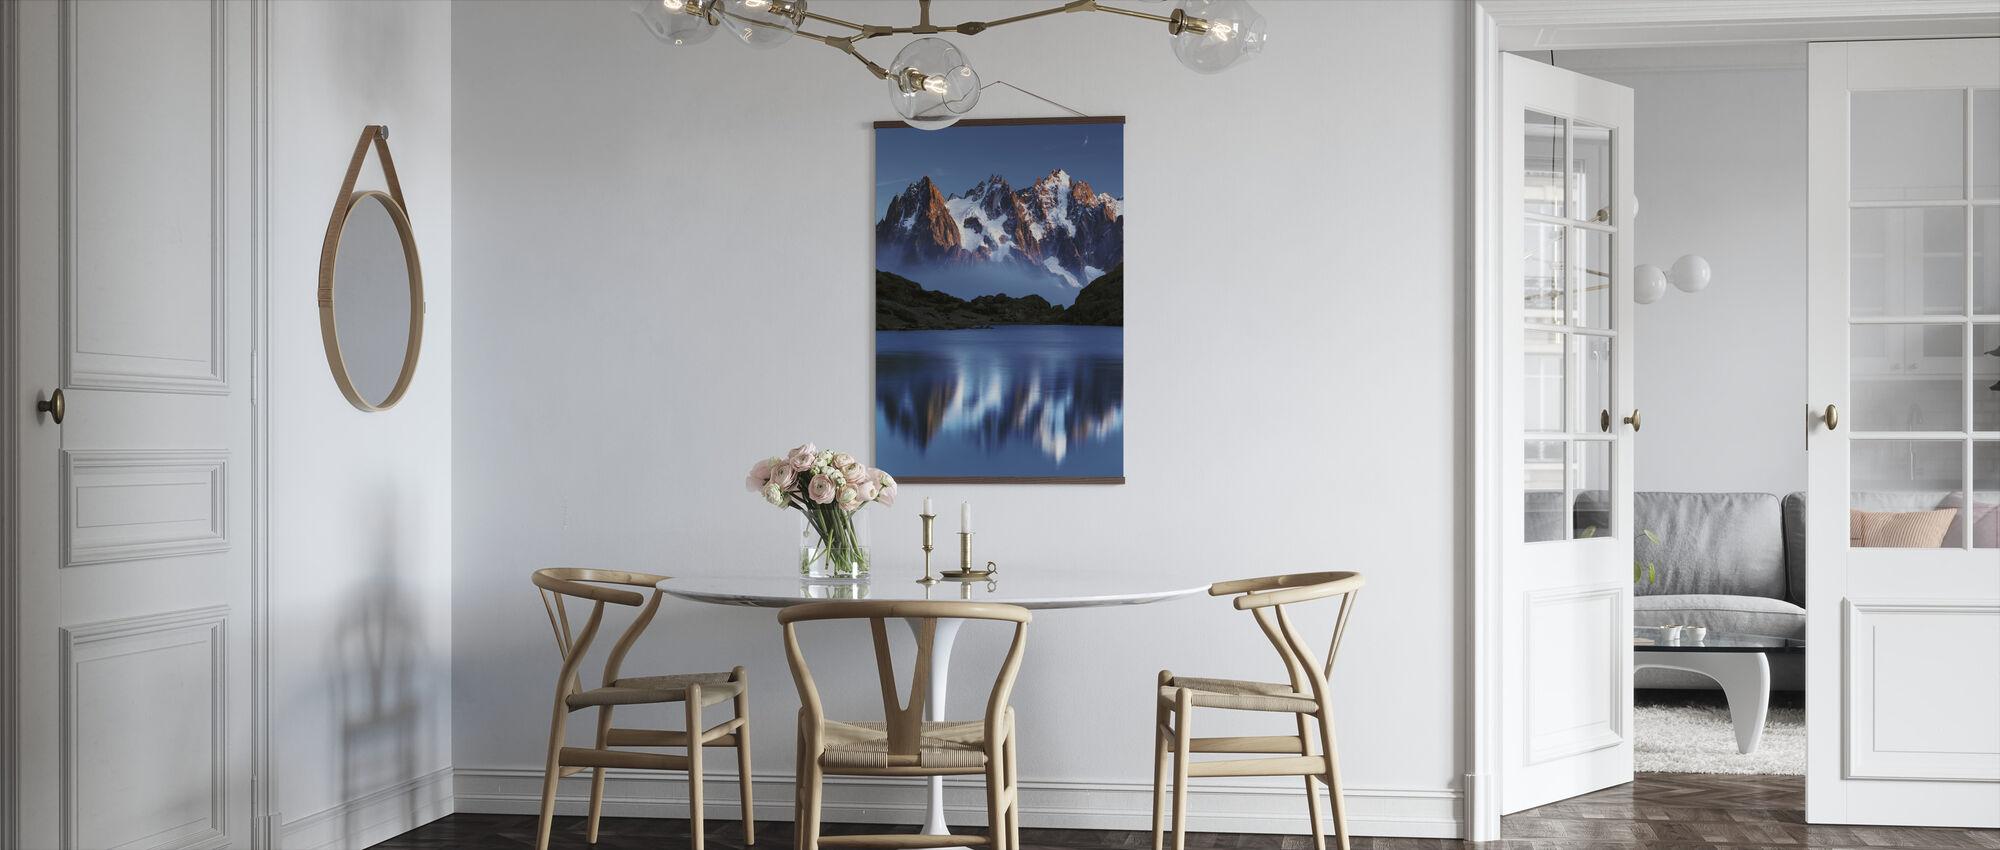 Blue Mountain Mirror - Poster - Kitchen